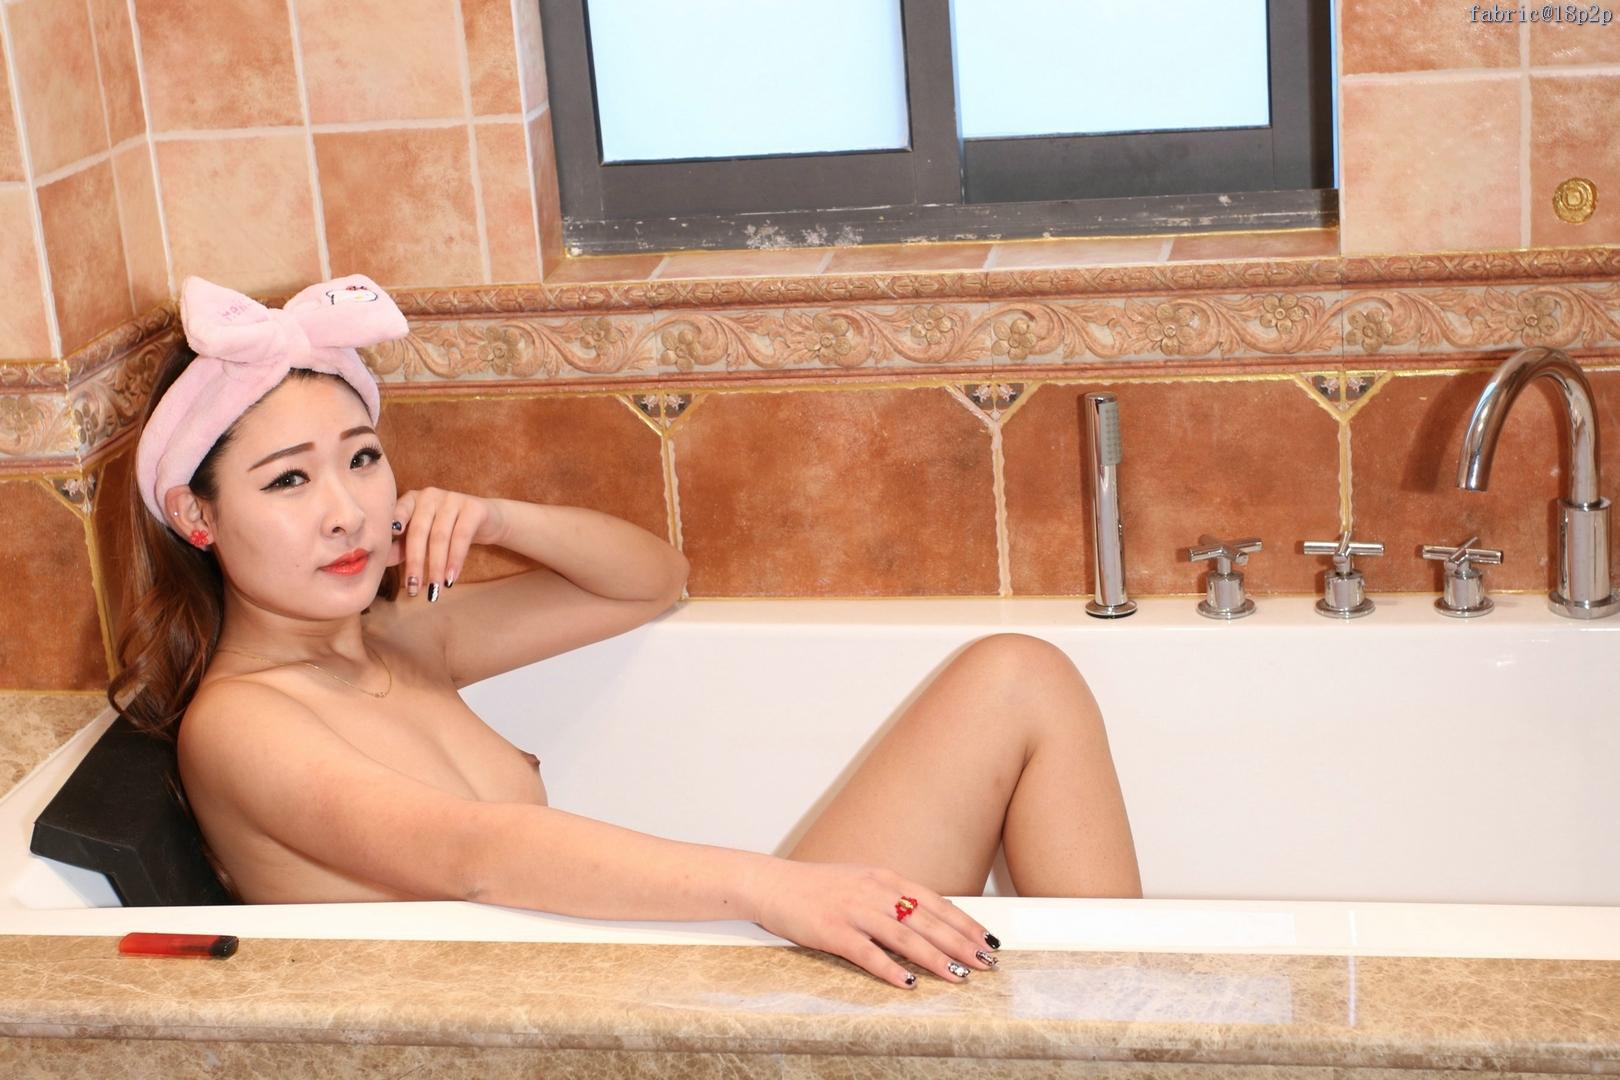 [国模][杨丽]靓丽少妇露出诱人的美乳、美鲍私拍套图003 [26P]